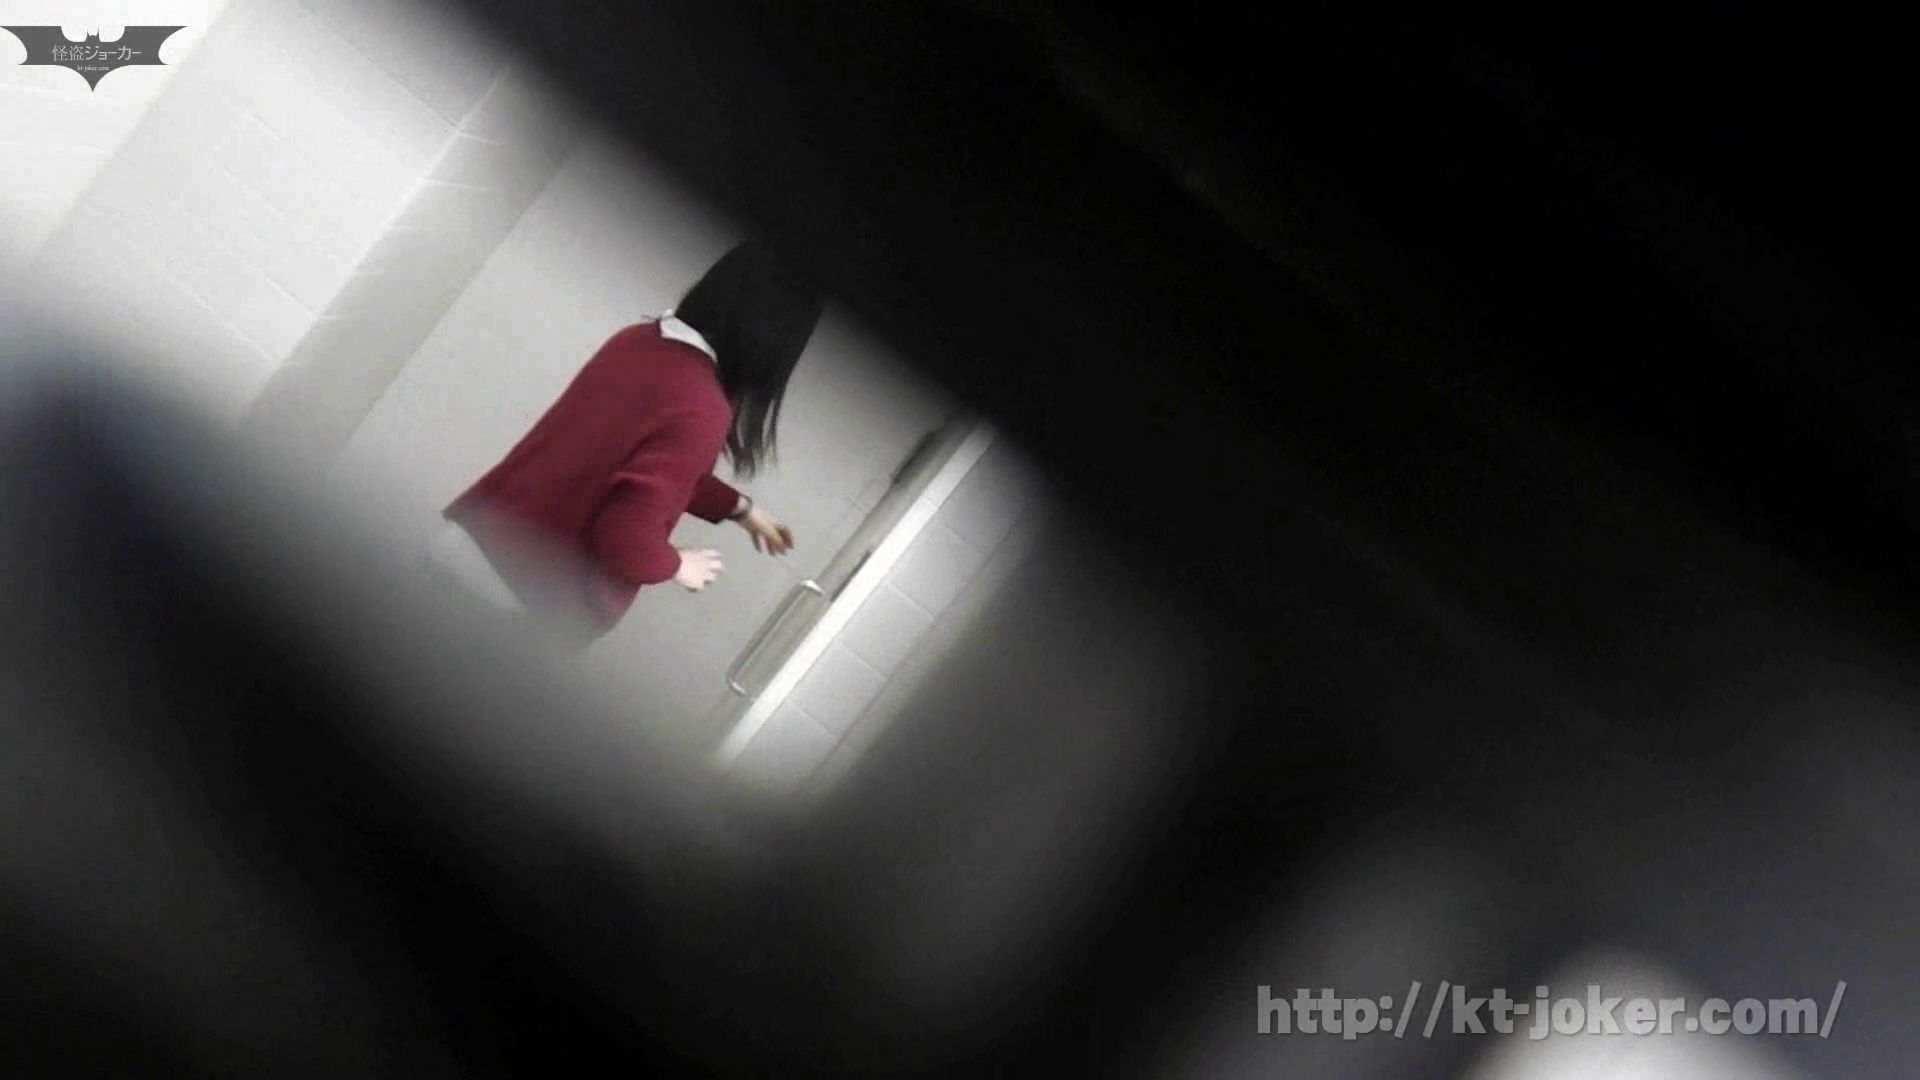 命がけ潜伏洗面所! vol.56 ピンチ!!「鏡の前で祈る女性」にばれる危機 洗面所突入  105pic 15